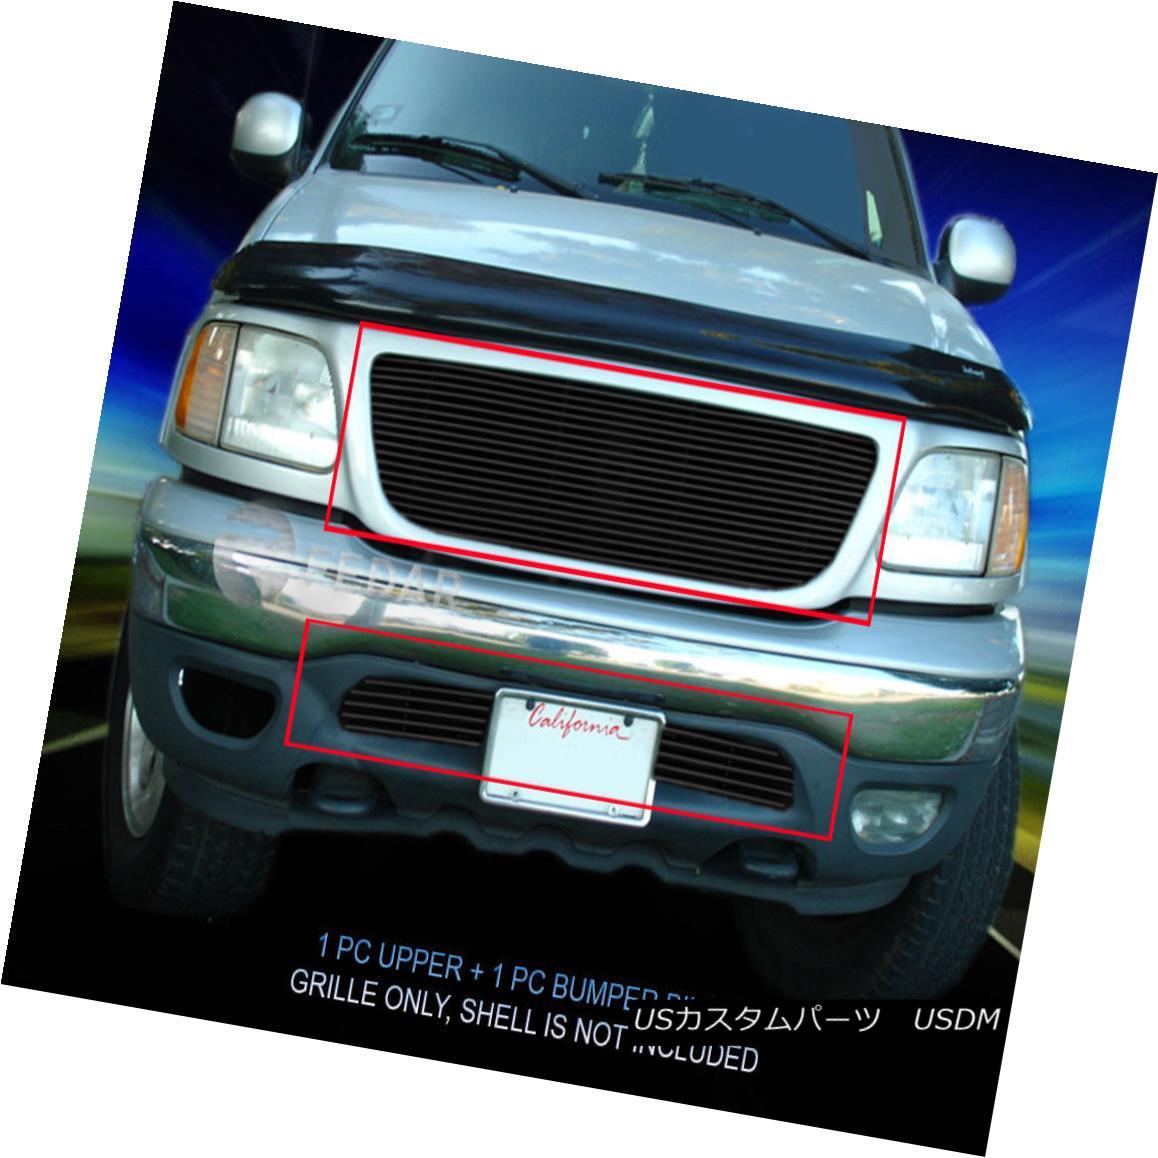 グリル 1999-2003 Ford F-150/Expedition 2WD Black Billet Grille Grill Combo Insert Fedar 1999-2003フォードF-150 / Expediti on 2WDブラックビレットグリルグリルコンボインサートFedar